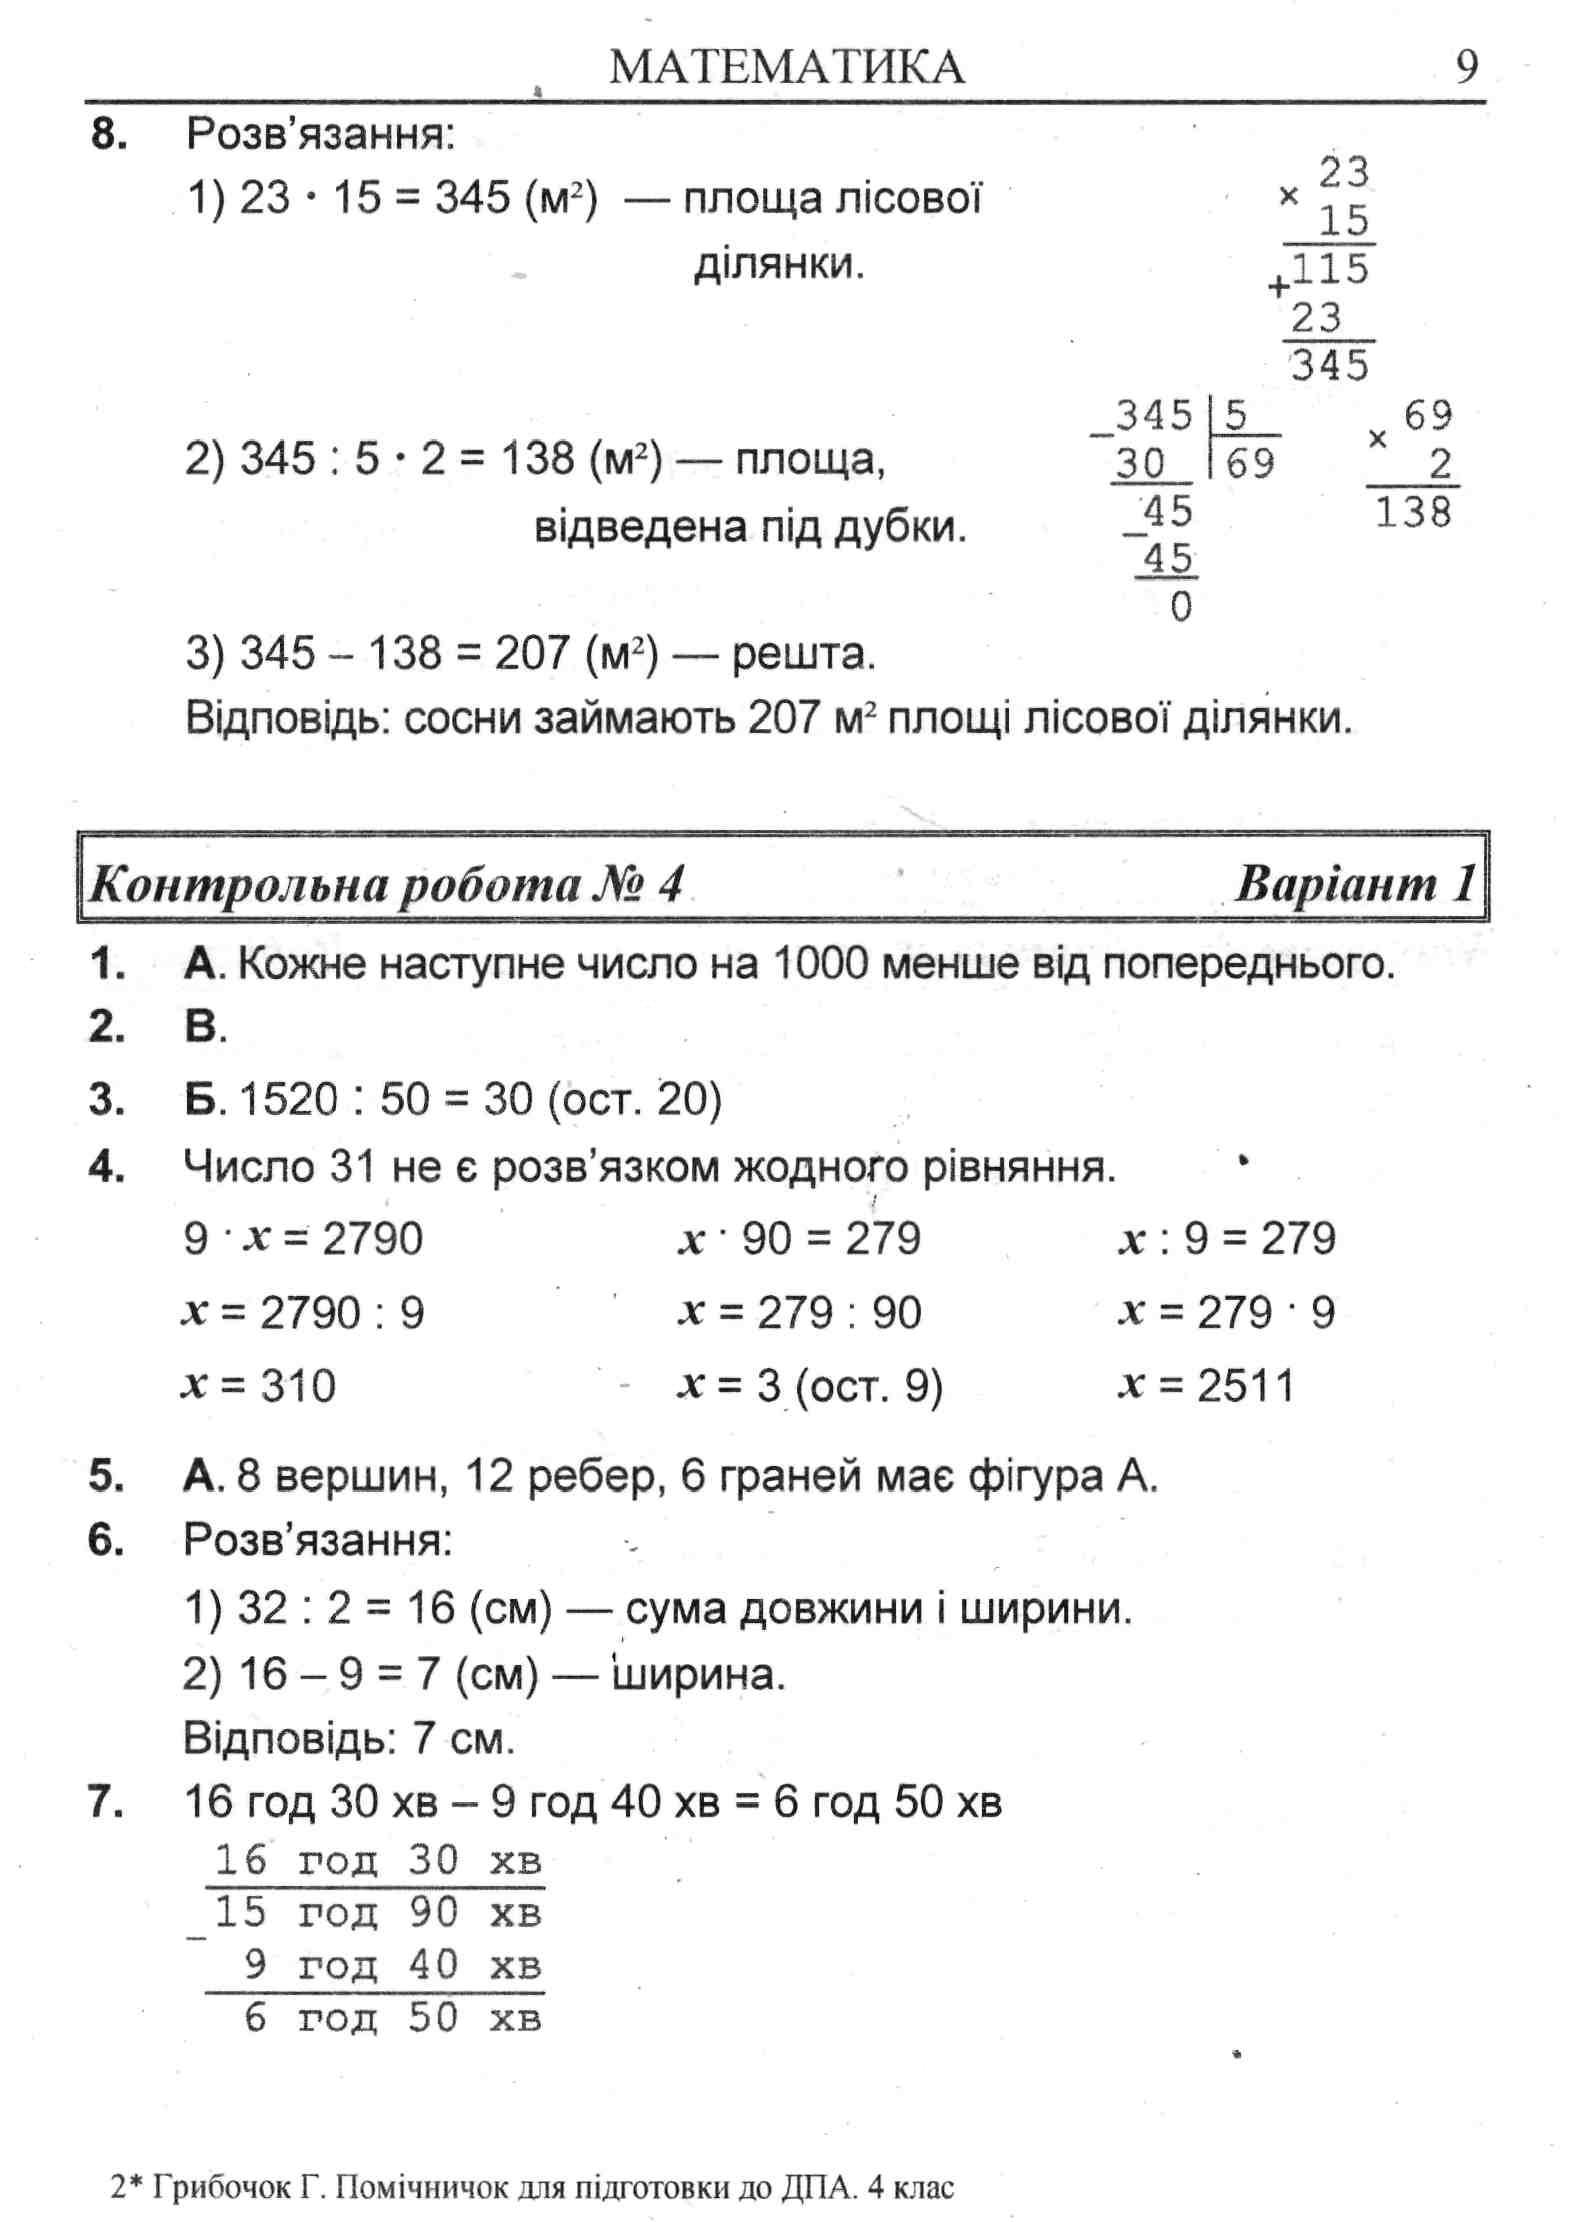 решебник дпа 2014 математика скачать